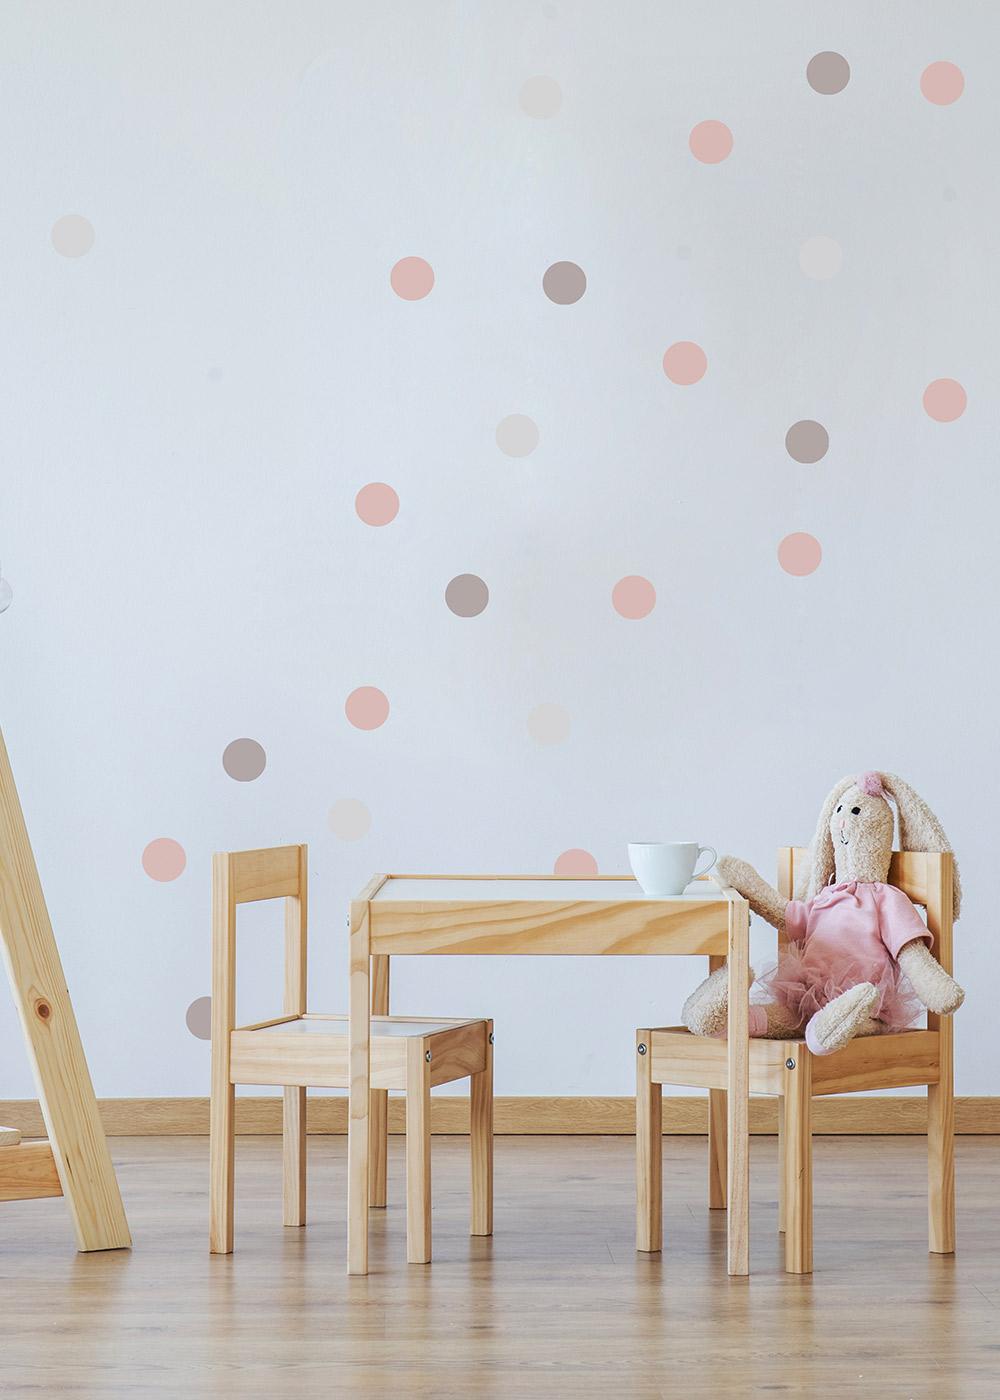 Wandsticker Polka Dots rosa grau Beispiel mit Sitzecke